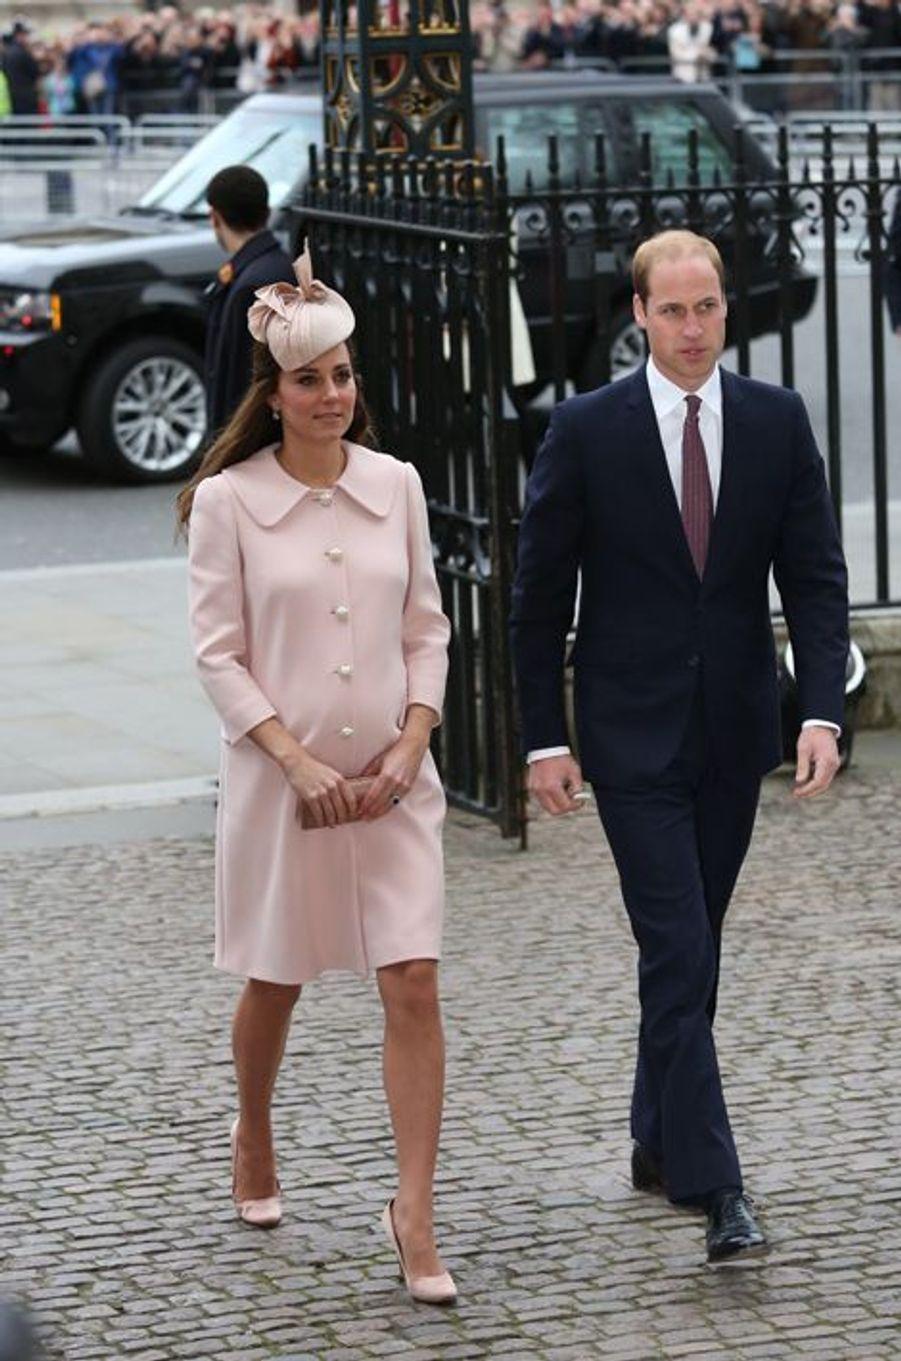 Le prince William et Kate arrivent à l'abbaye de Westminster à Londres pour le Commonwealth Observance service, le 9 mars 2015